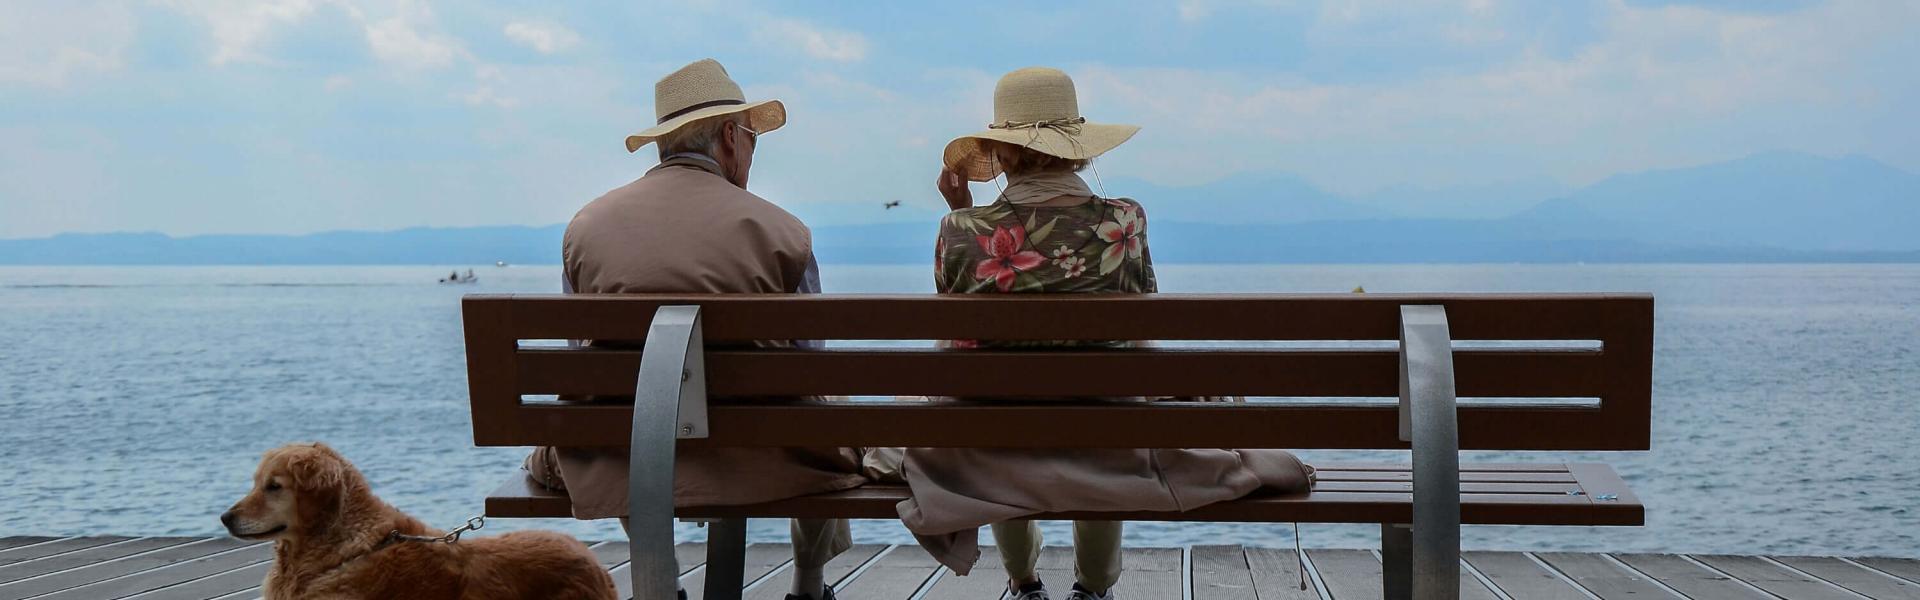 To pensjonister på tur sittende på benk med utsikt ut over havet